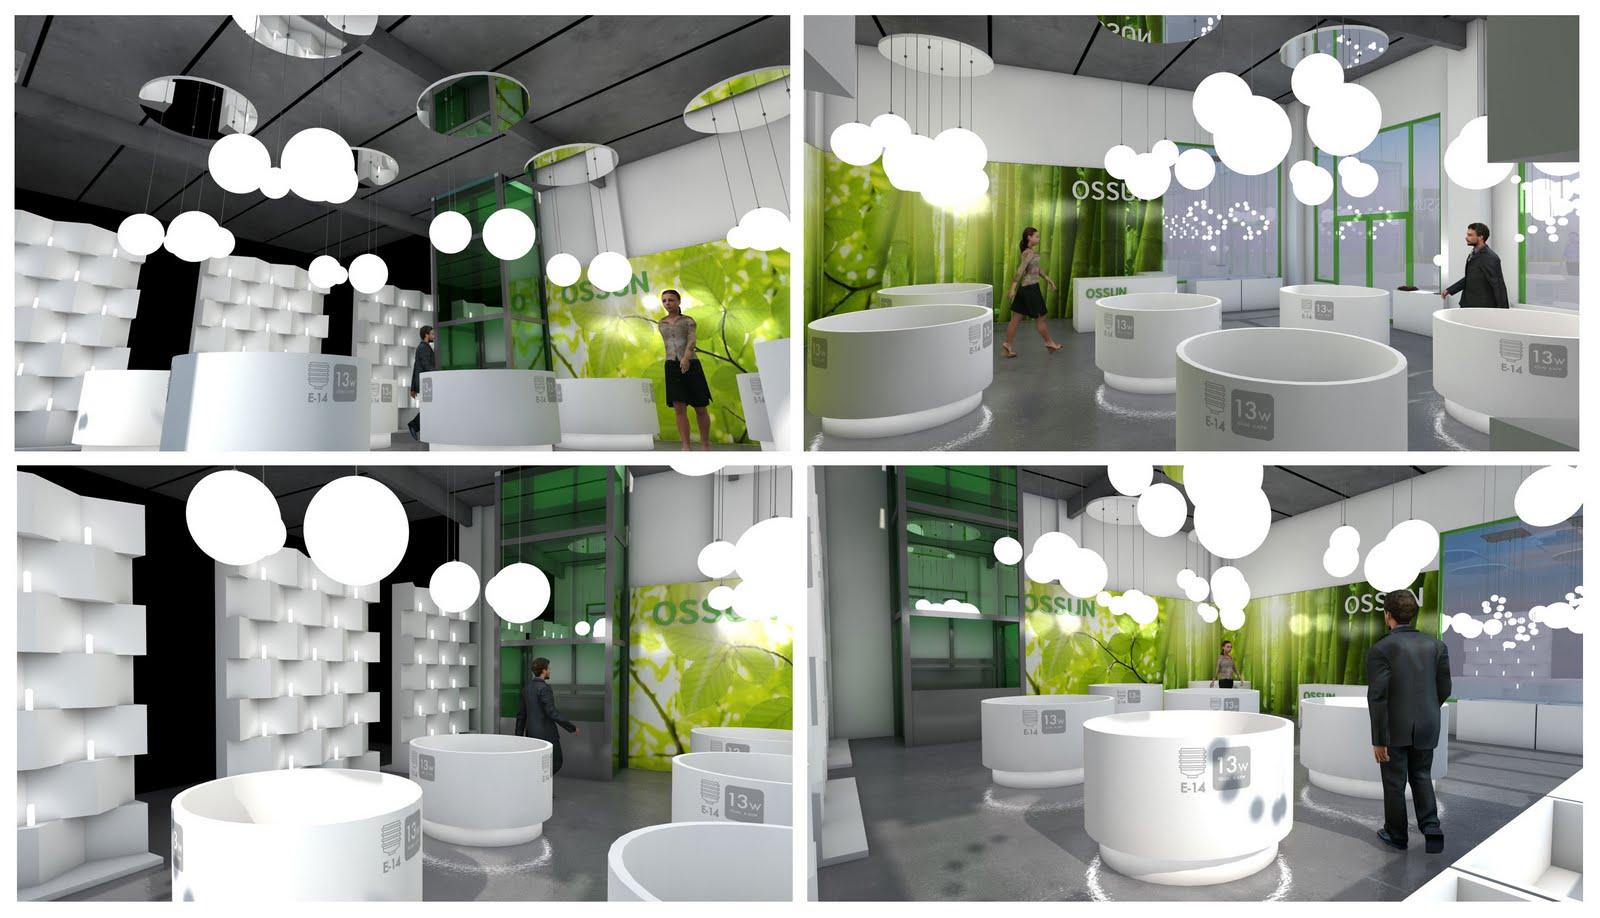 diseño gráfico y publicitario, Ilustración 2d y 3d, diseño de ...